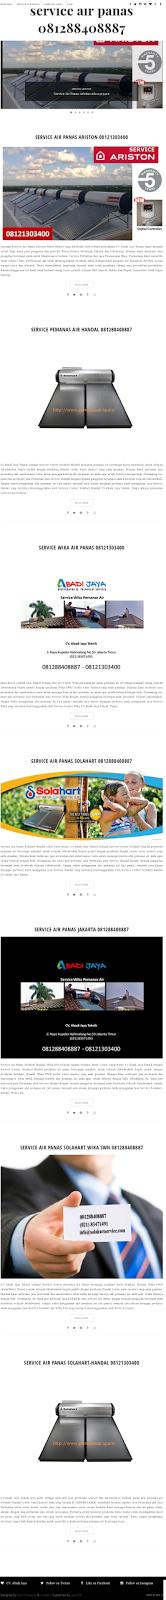 http://www.serviceairpanas.top/